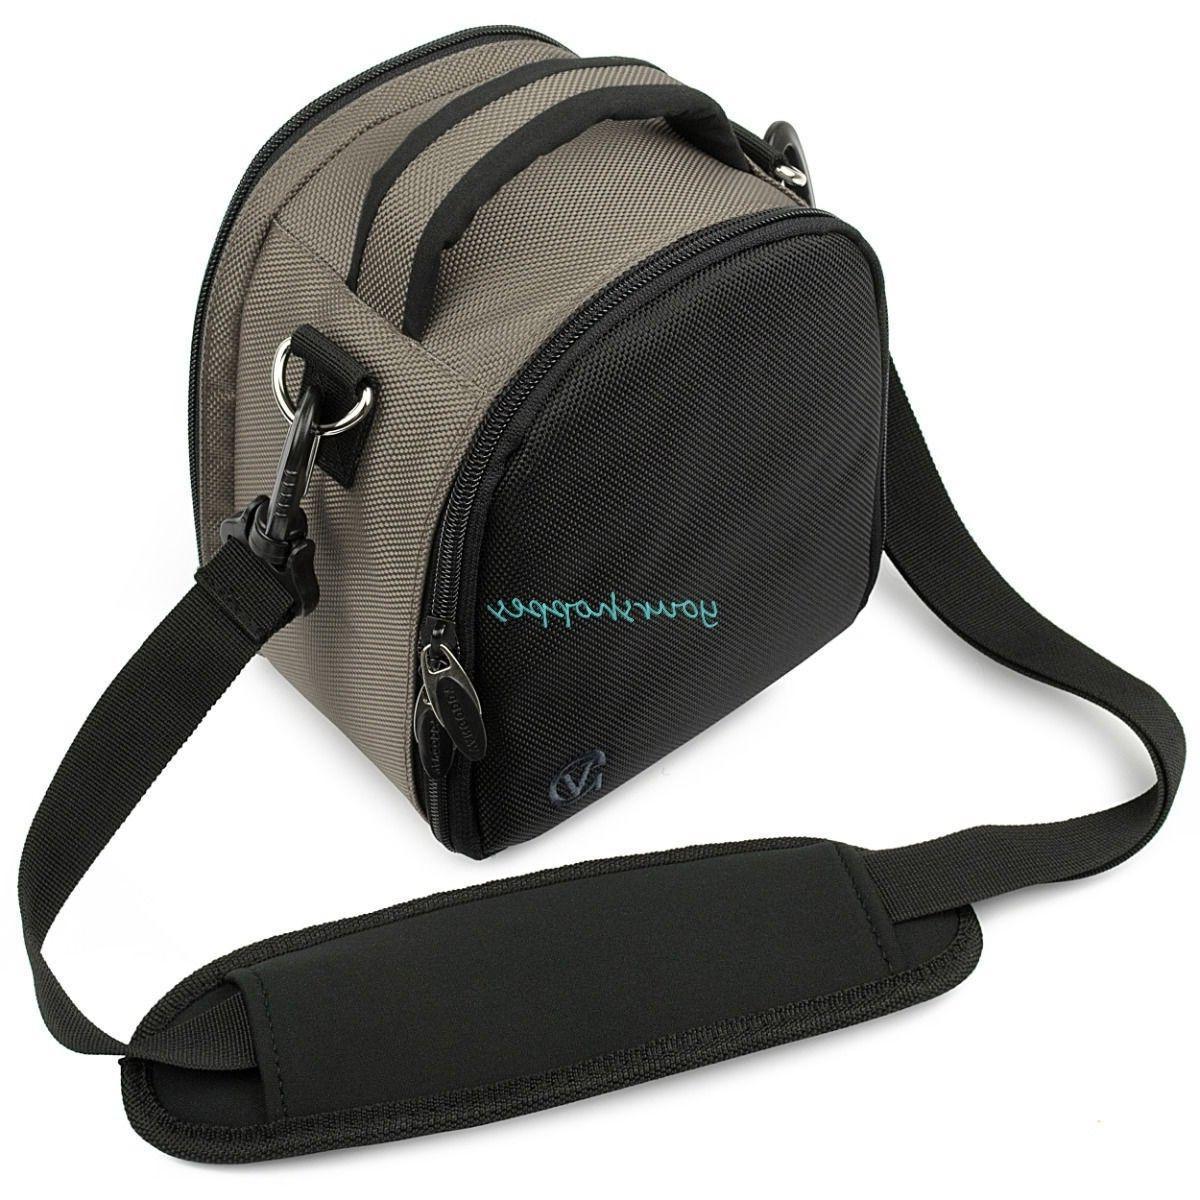 VanGoddy Shoulder DSLR Camera Case Powershot SX740